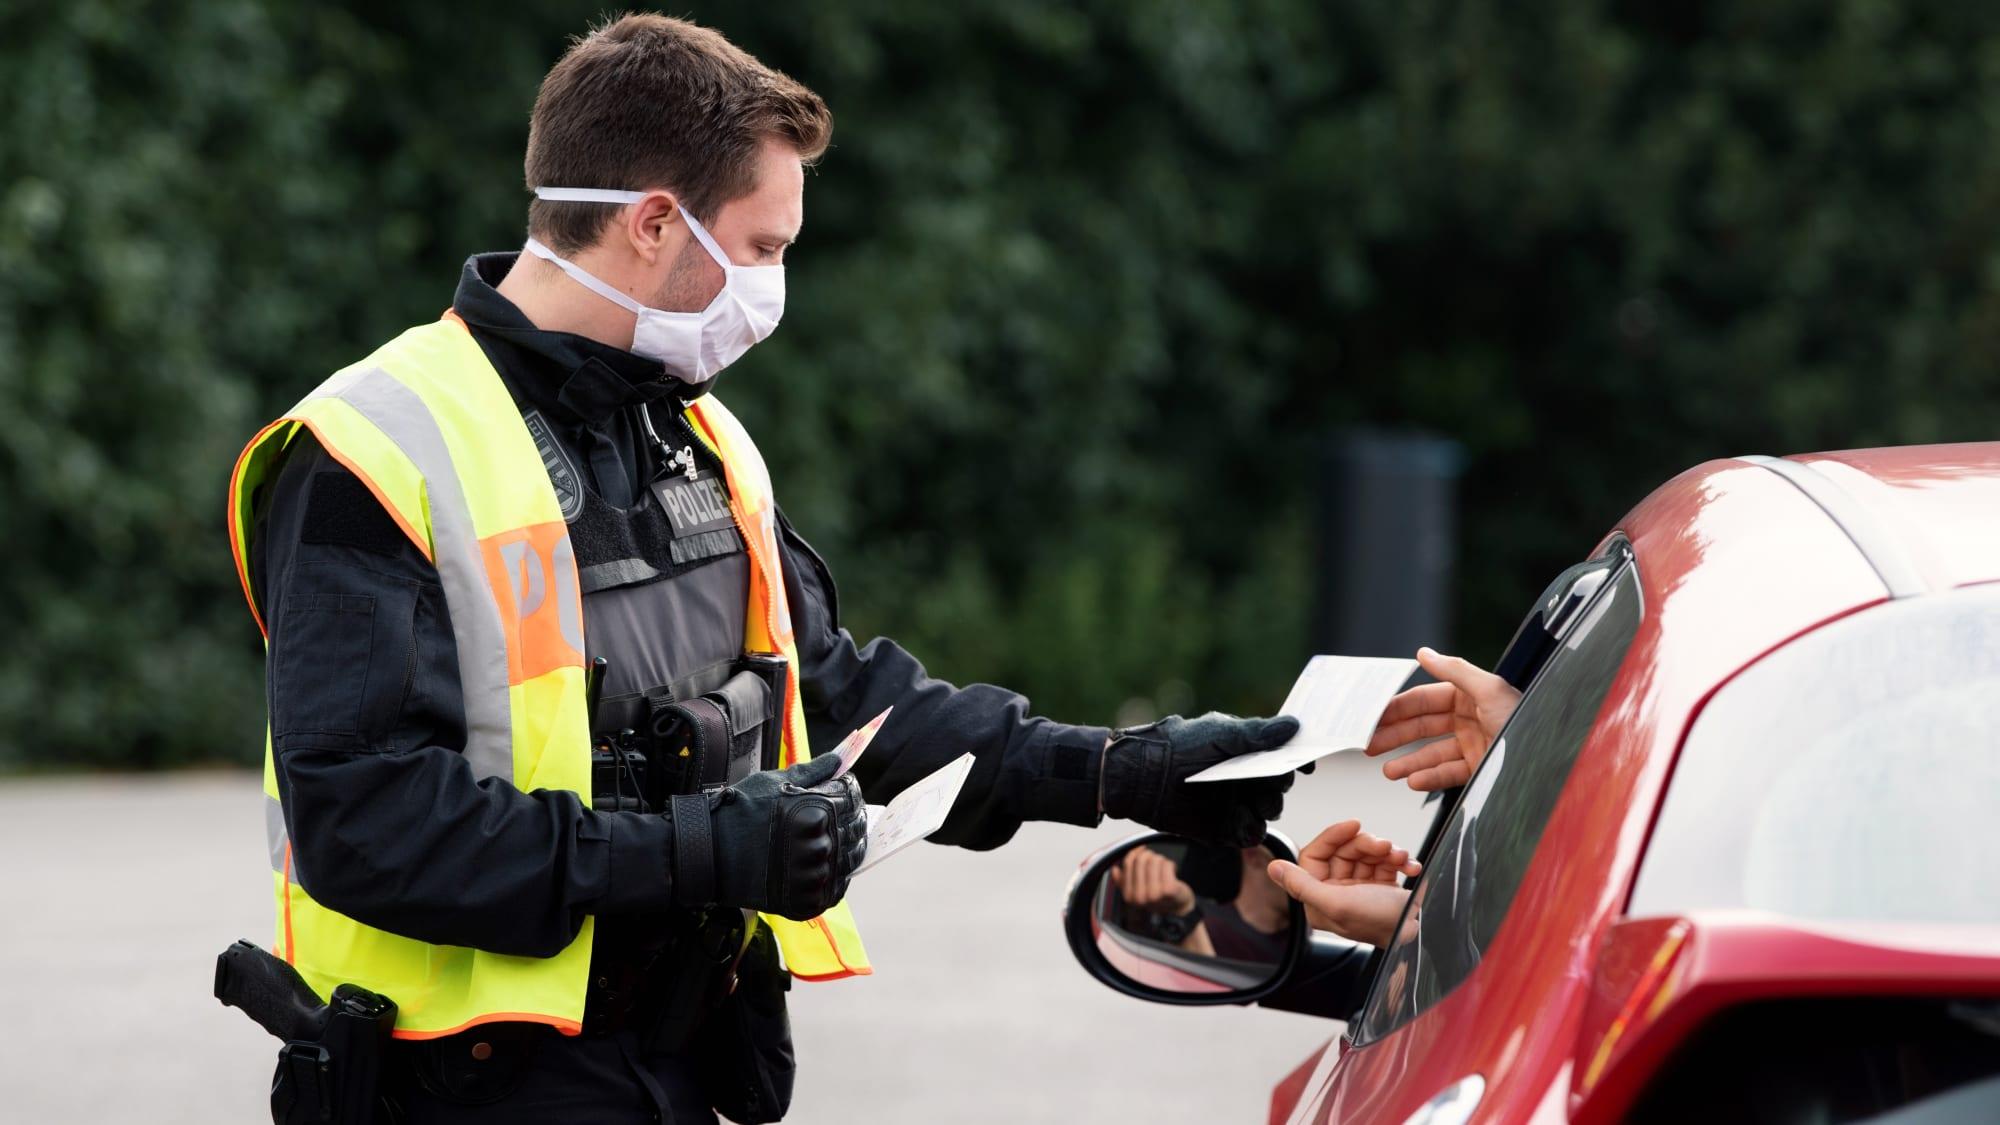 Polizist kontrolliert Papiere eines Autofahrers